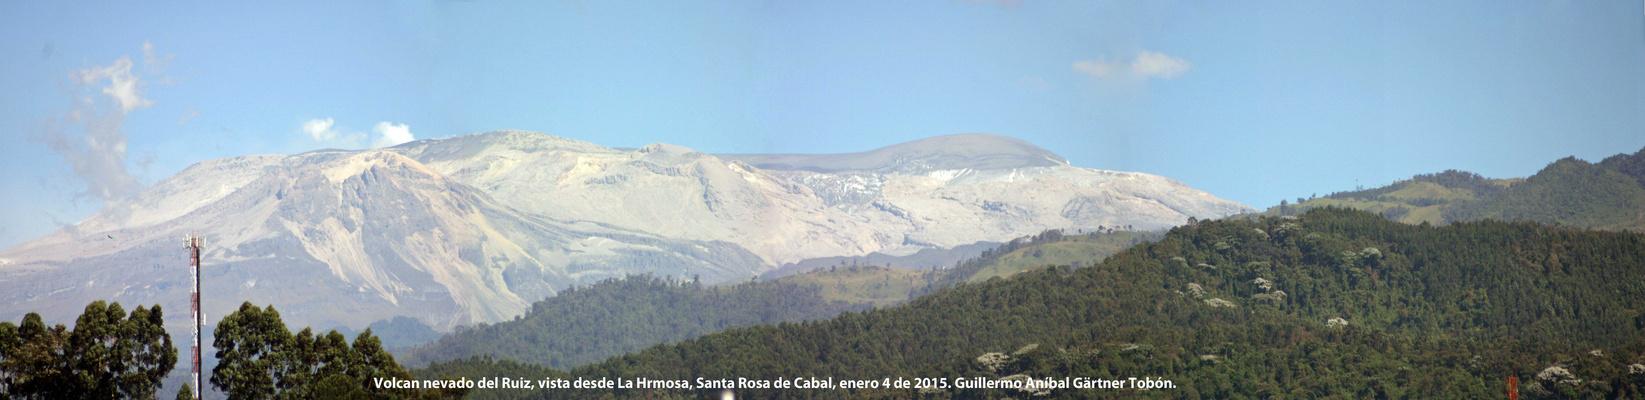 Volcán del Ruiz